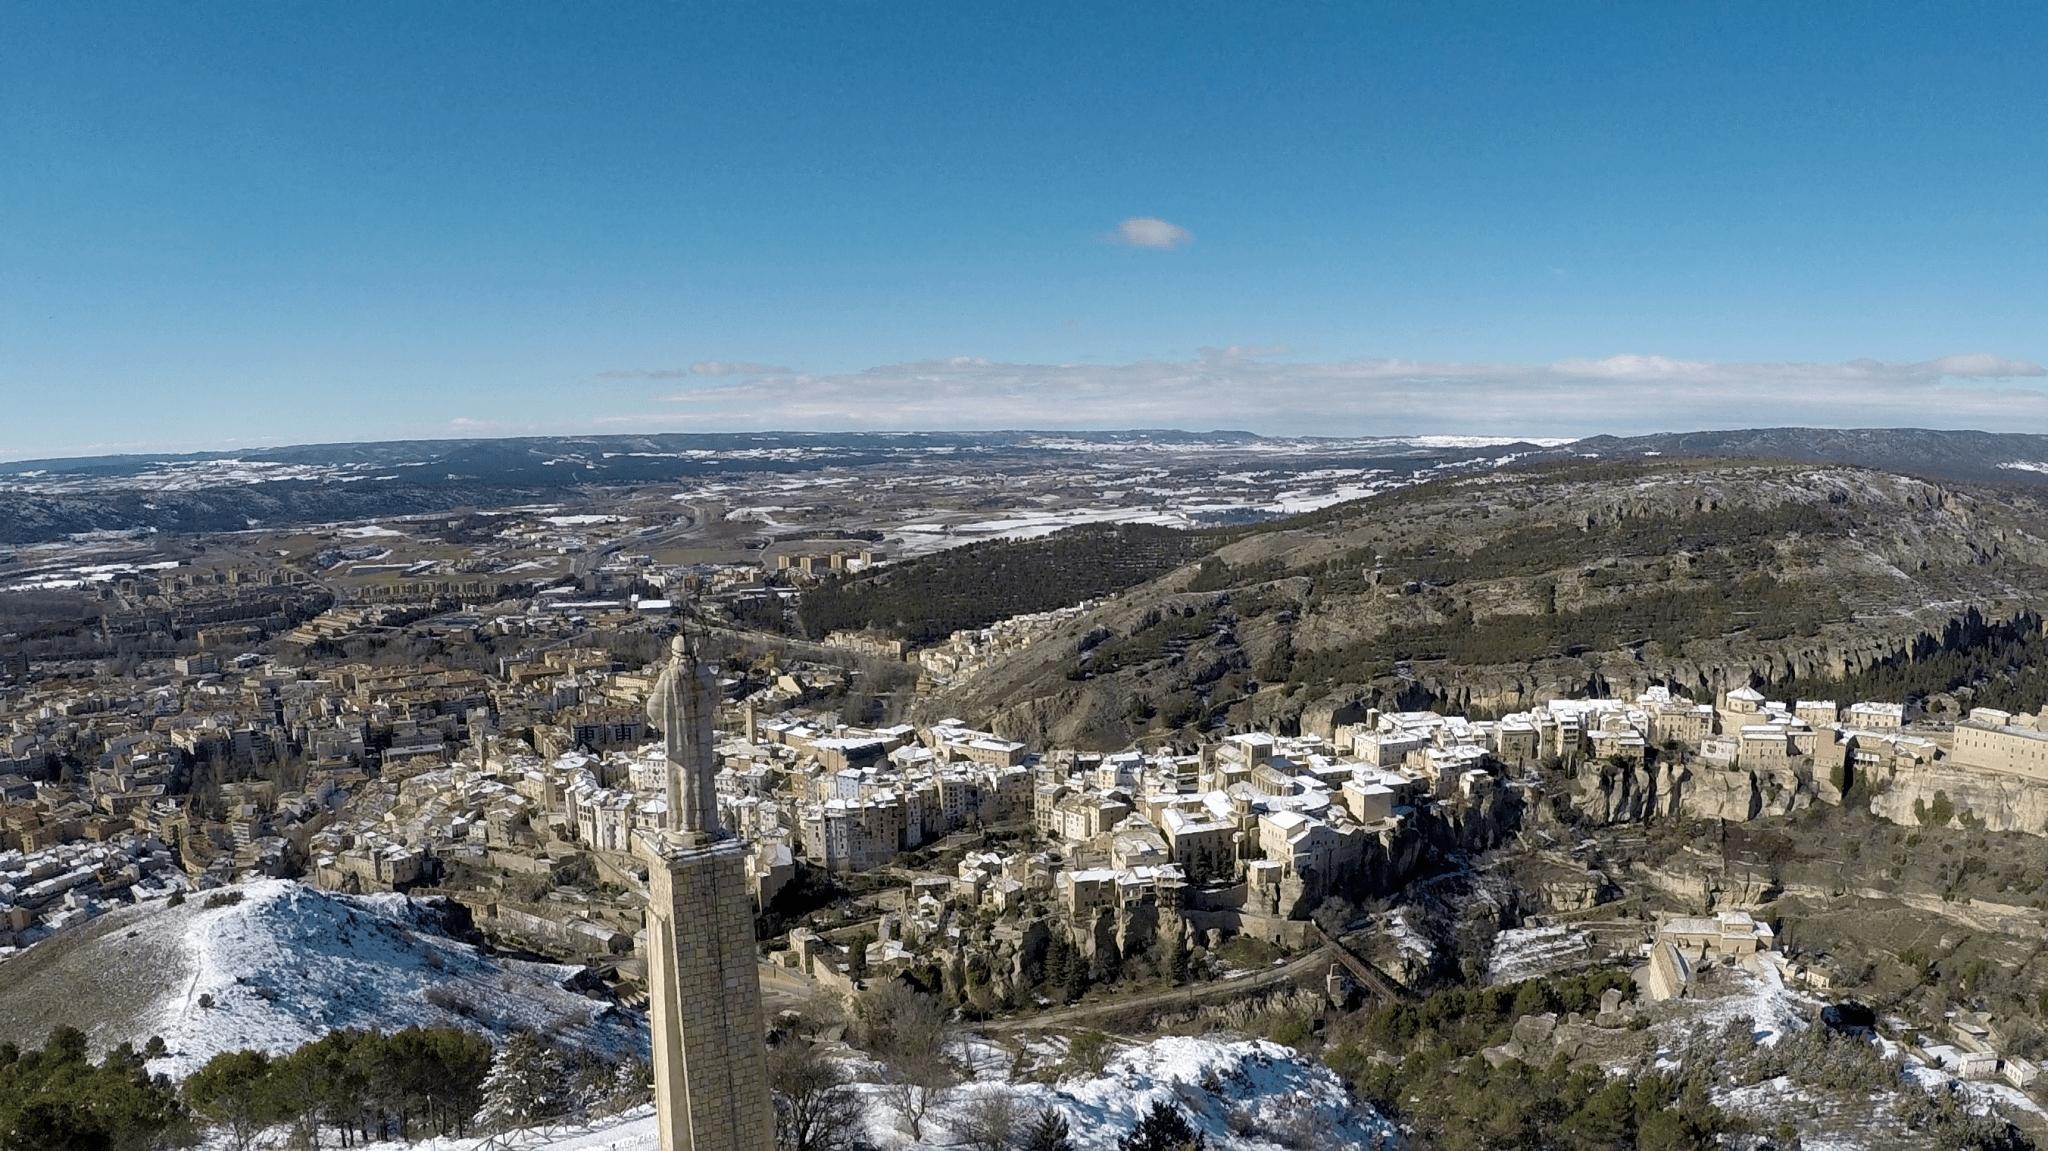 vlcsnap 00246 2048x1151 1 | Informaciones de Cuenca